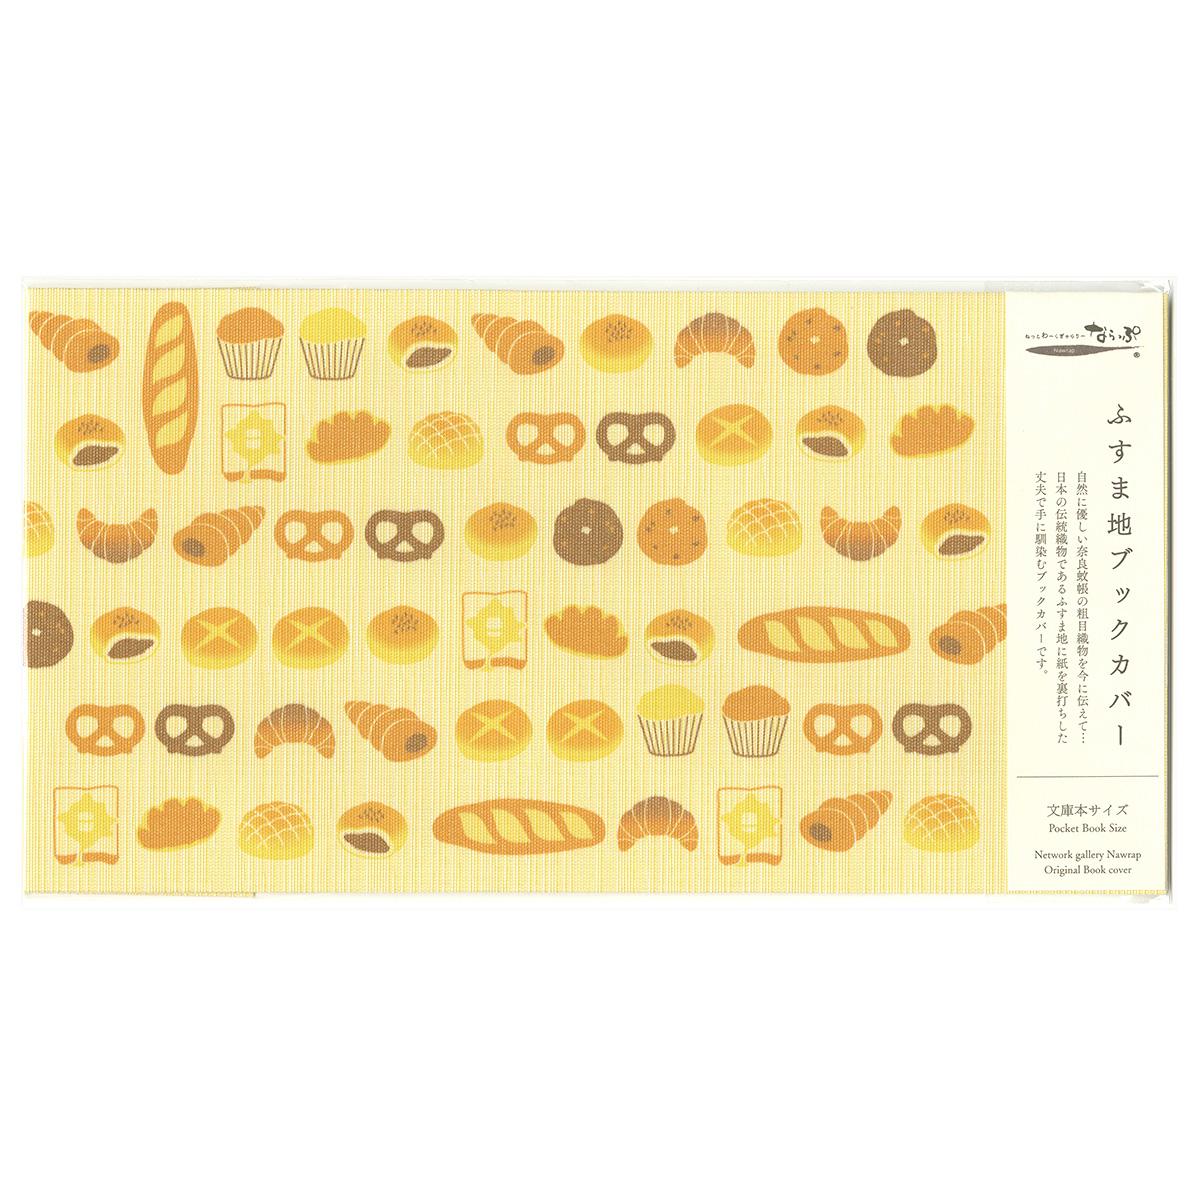 ふすま地ブックカバー 〈通常柄〉 1117パン